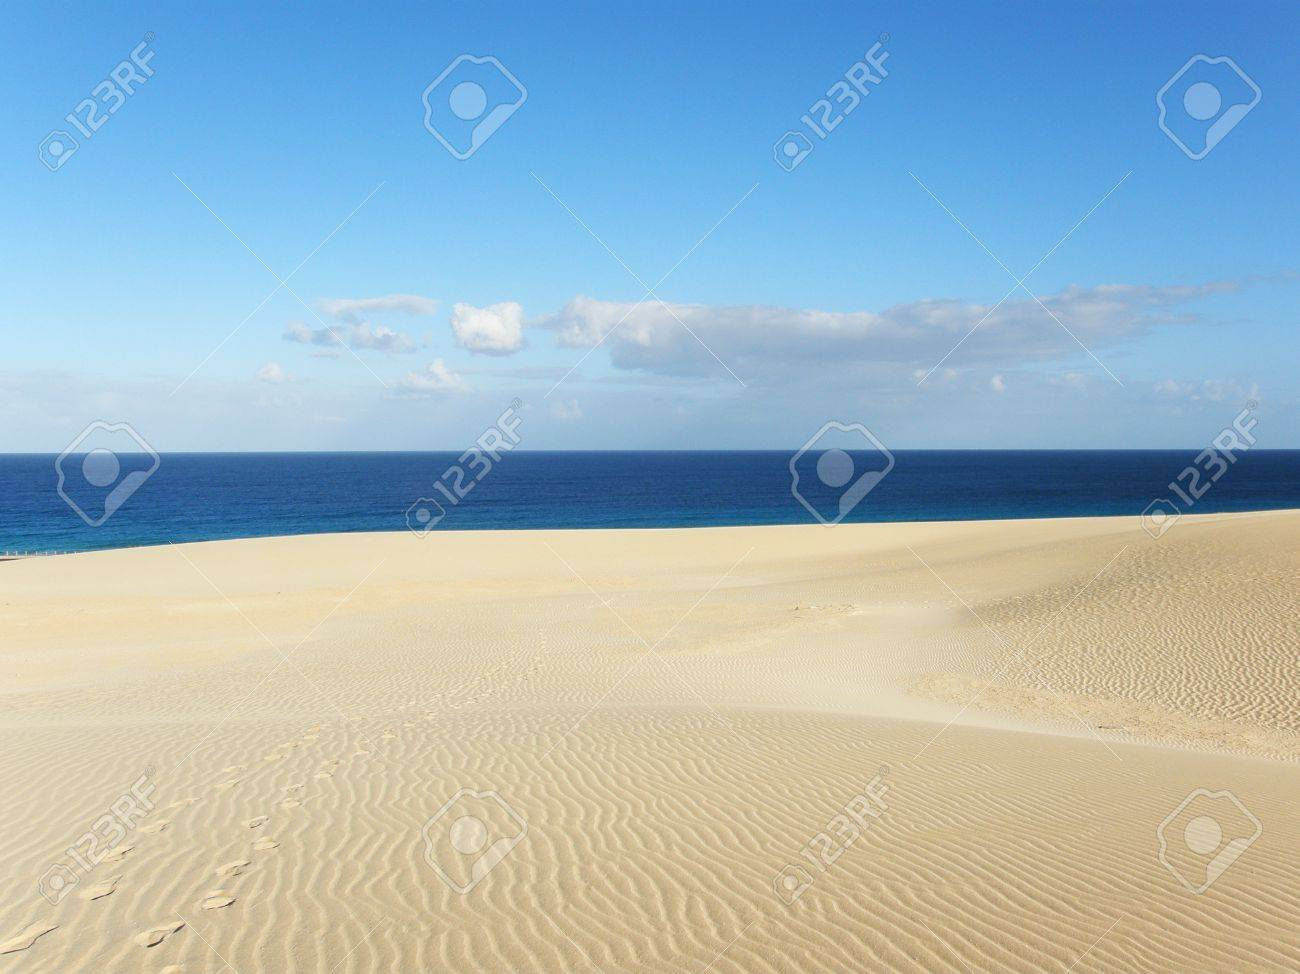 Desert and water Stock Photo - 10324177